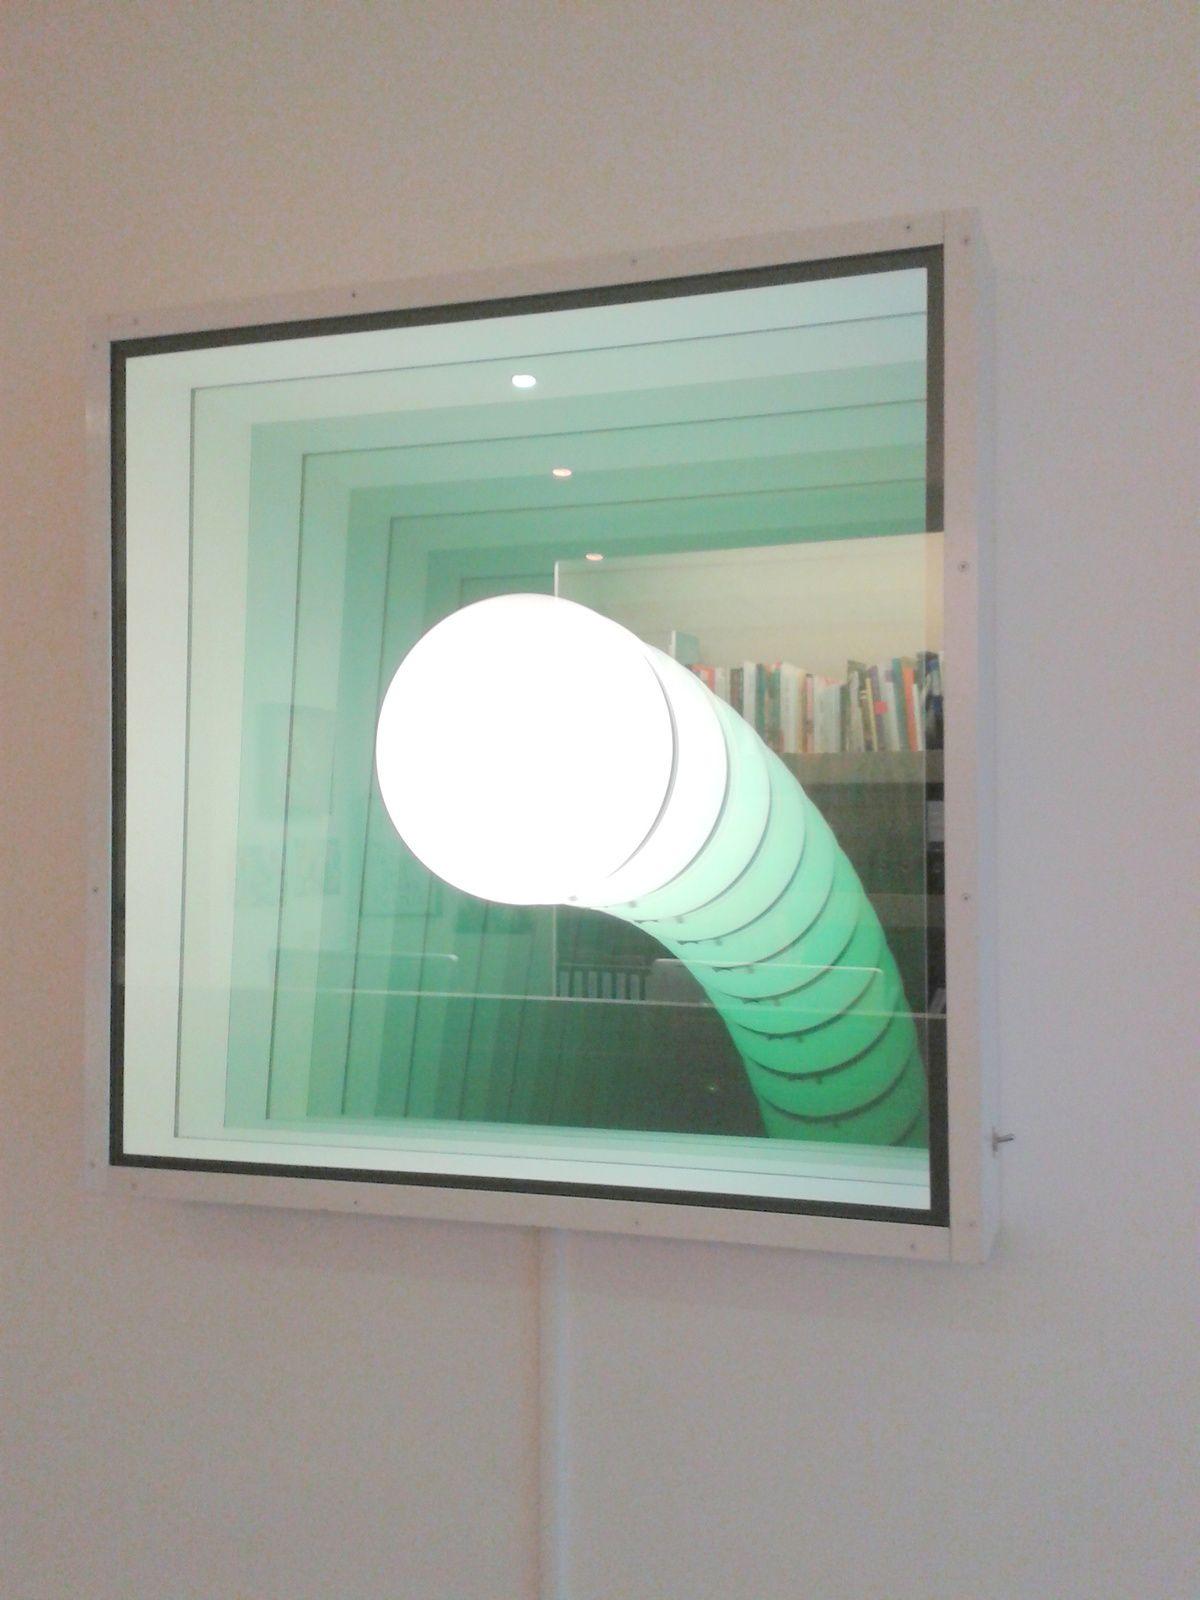 Infinite Light, une exposition de Chul-Hyun Ahn : l'expérience esthétique de l'infini par la lumière